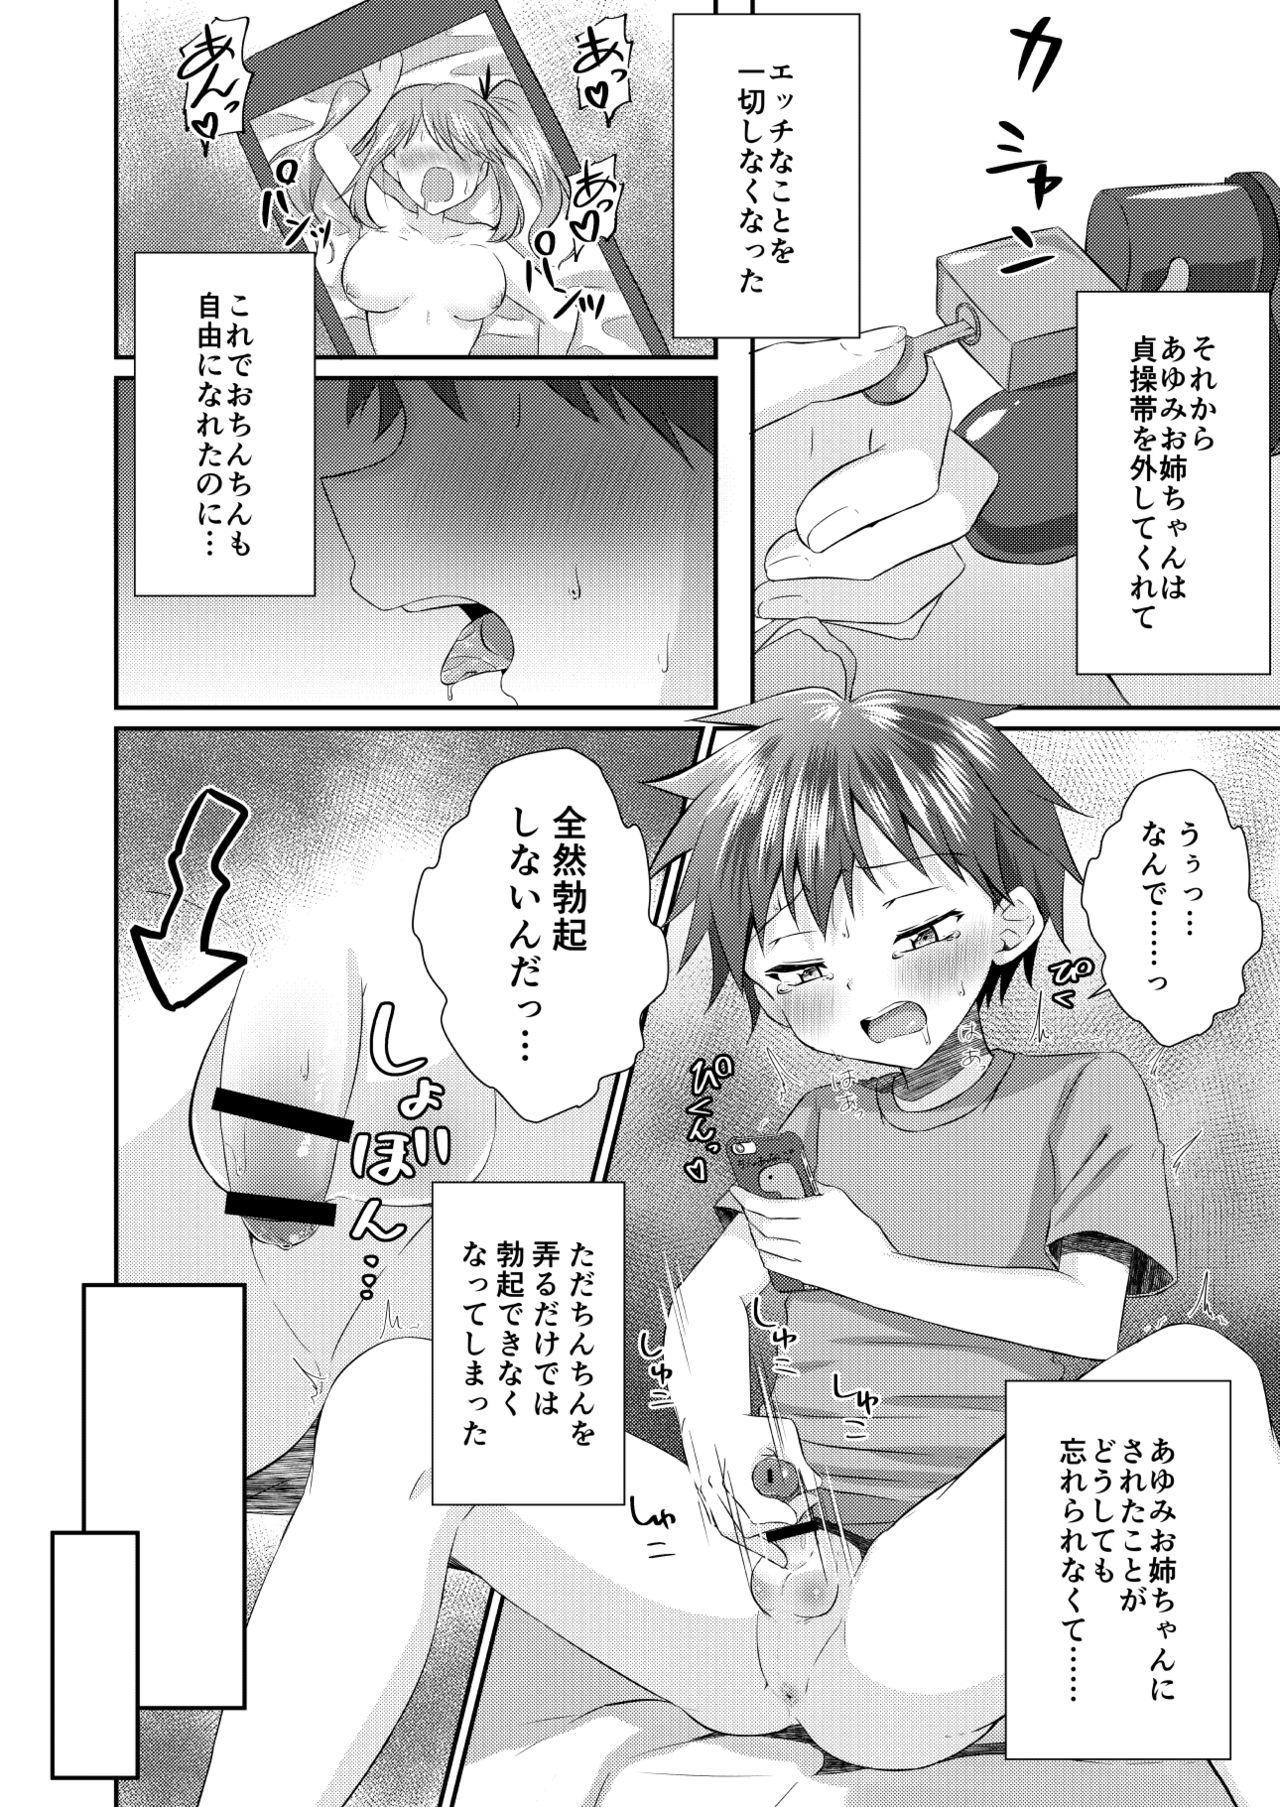 Futanari no Onee-chan ni Shasei Kanri Sarete Gyaku Anal Saretemasu! 22